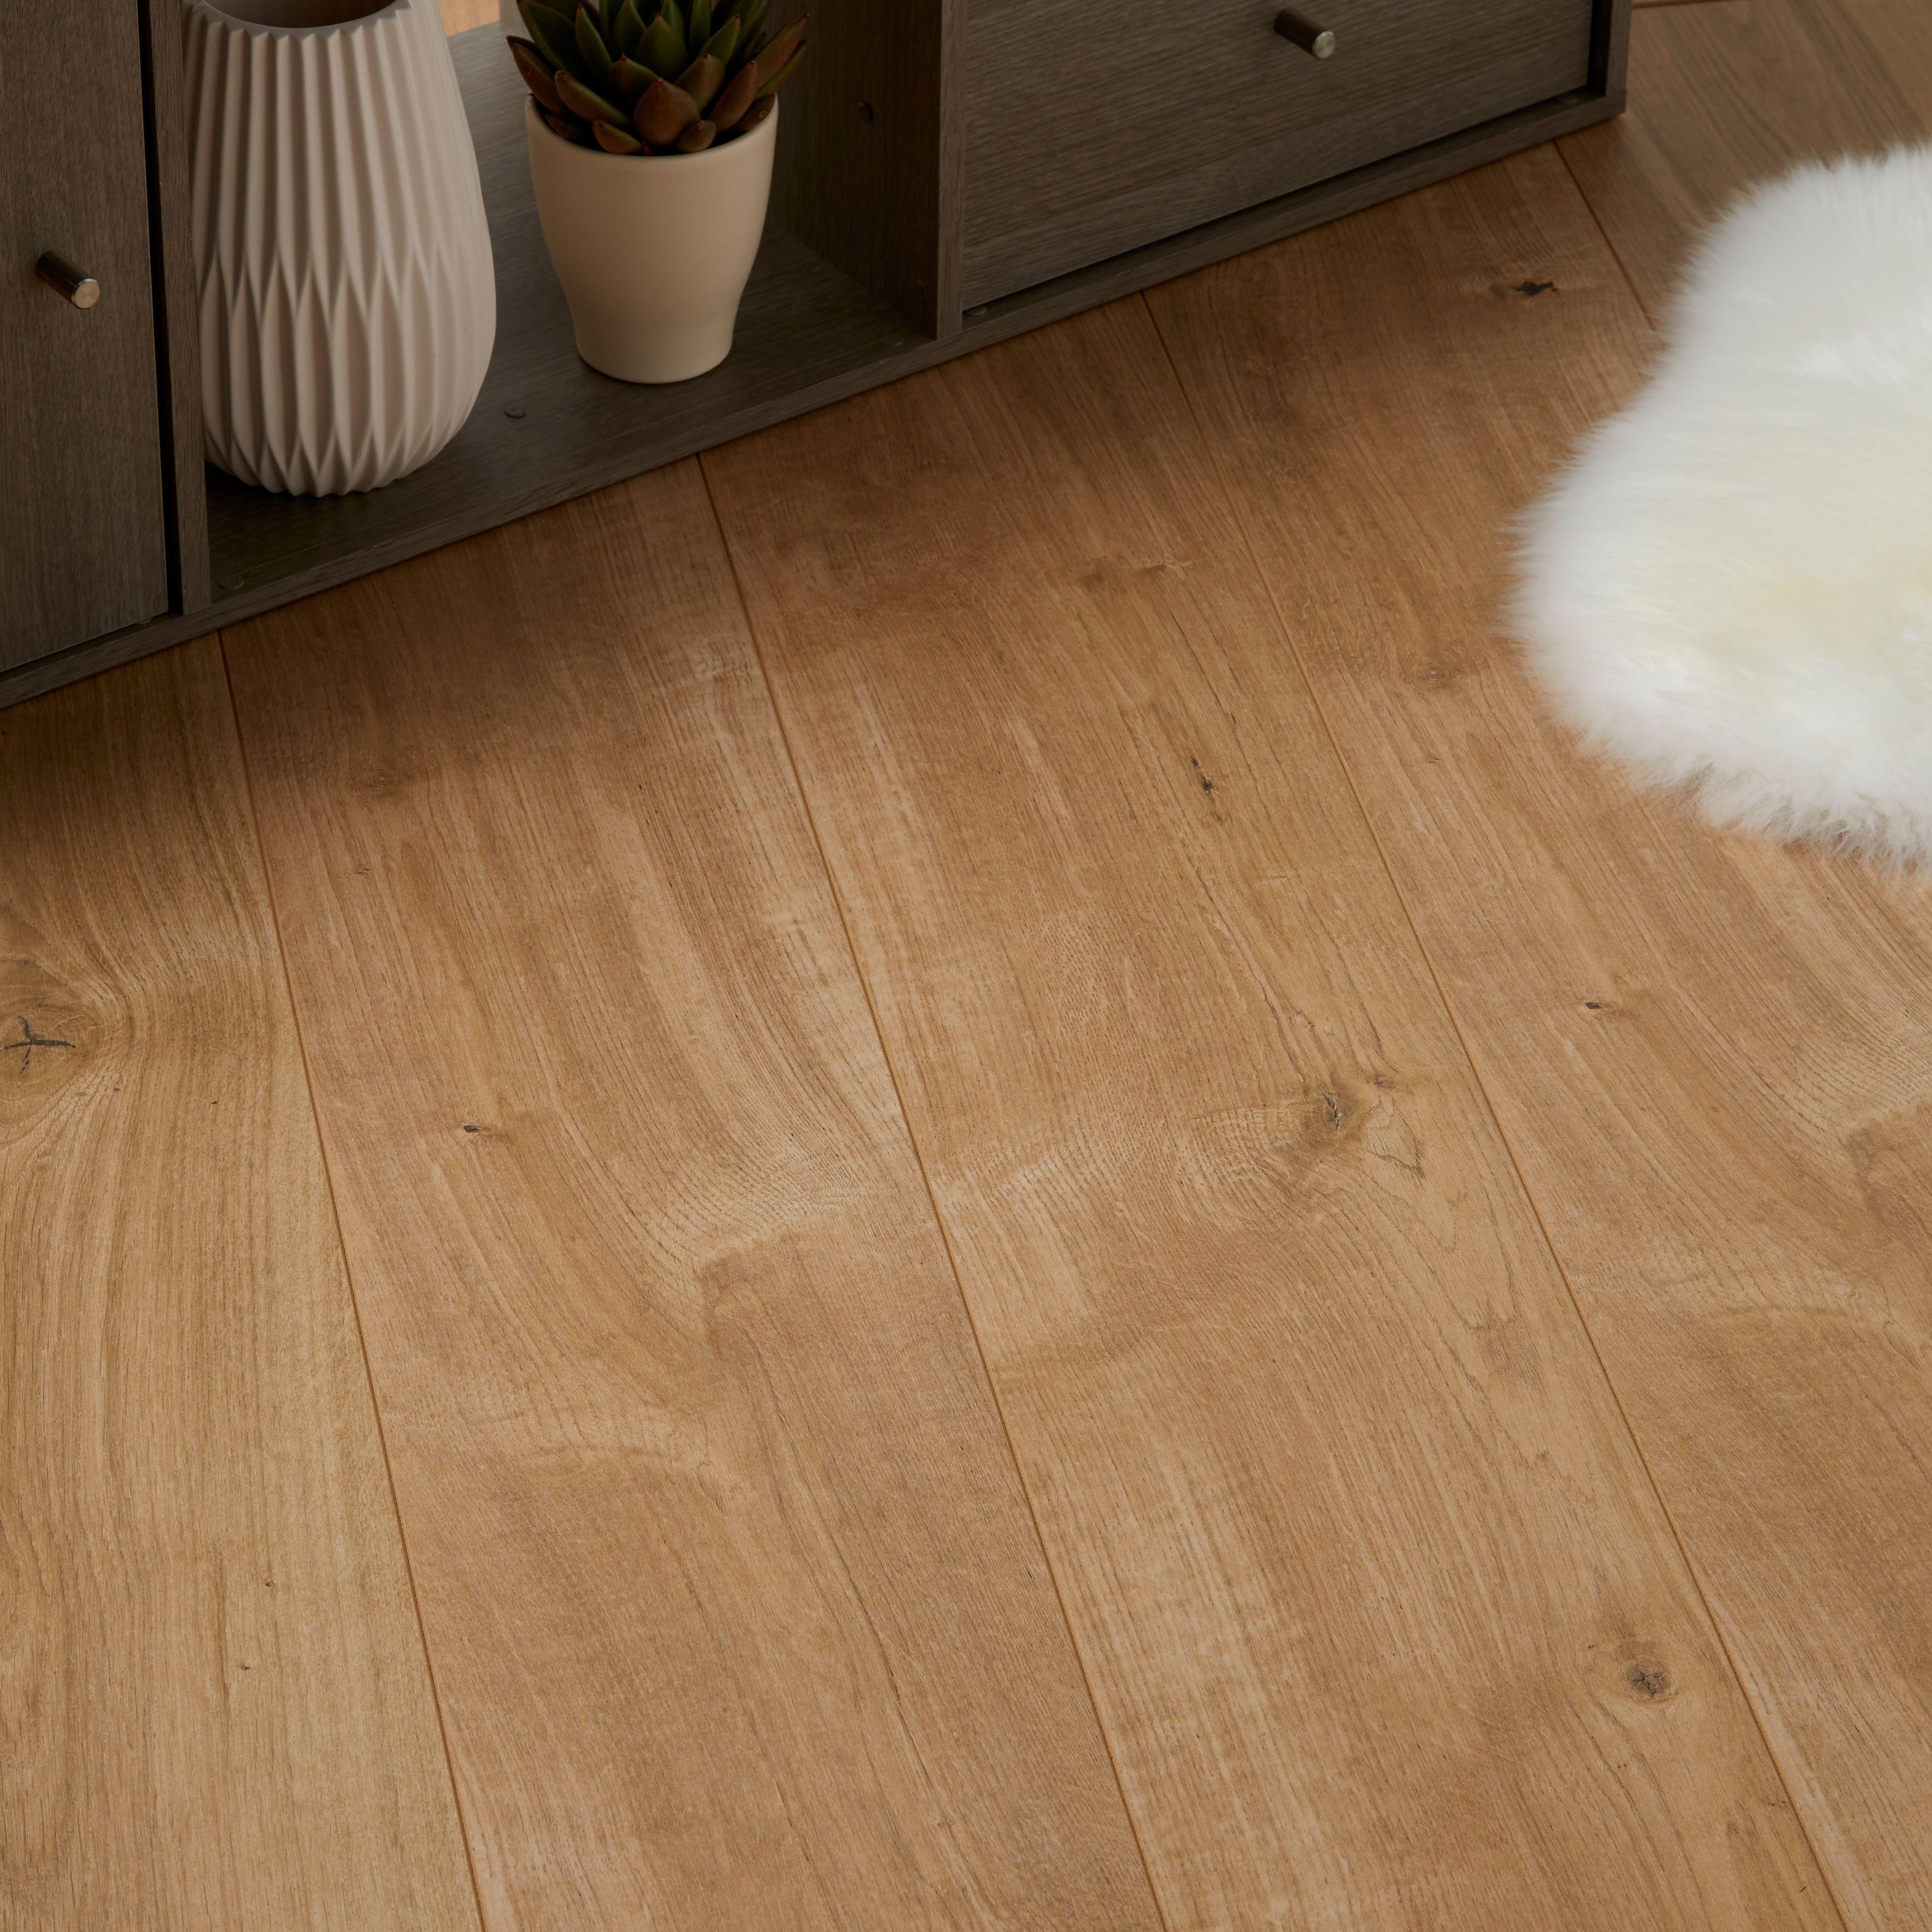 Attractive Natural Oak Effect Laminate Flooring Part - 4: Gladstone Natural Oak Effect Laminate Flooring 1.996 M² Pack | Departments  | DIY At Bu0026Q